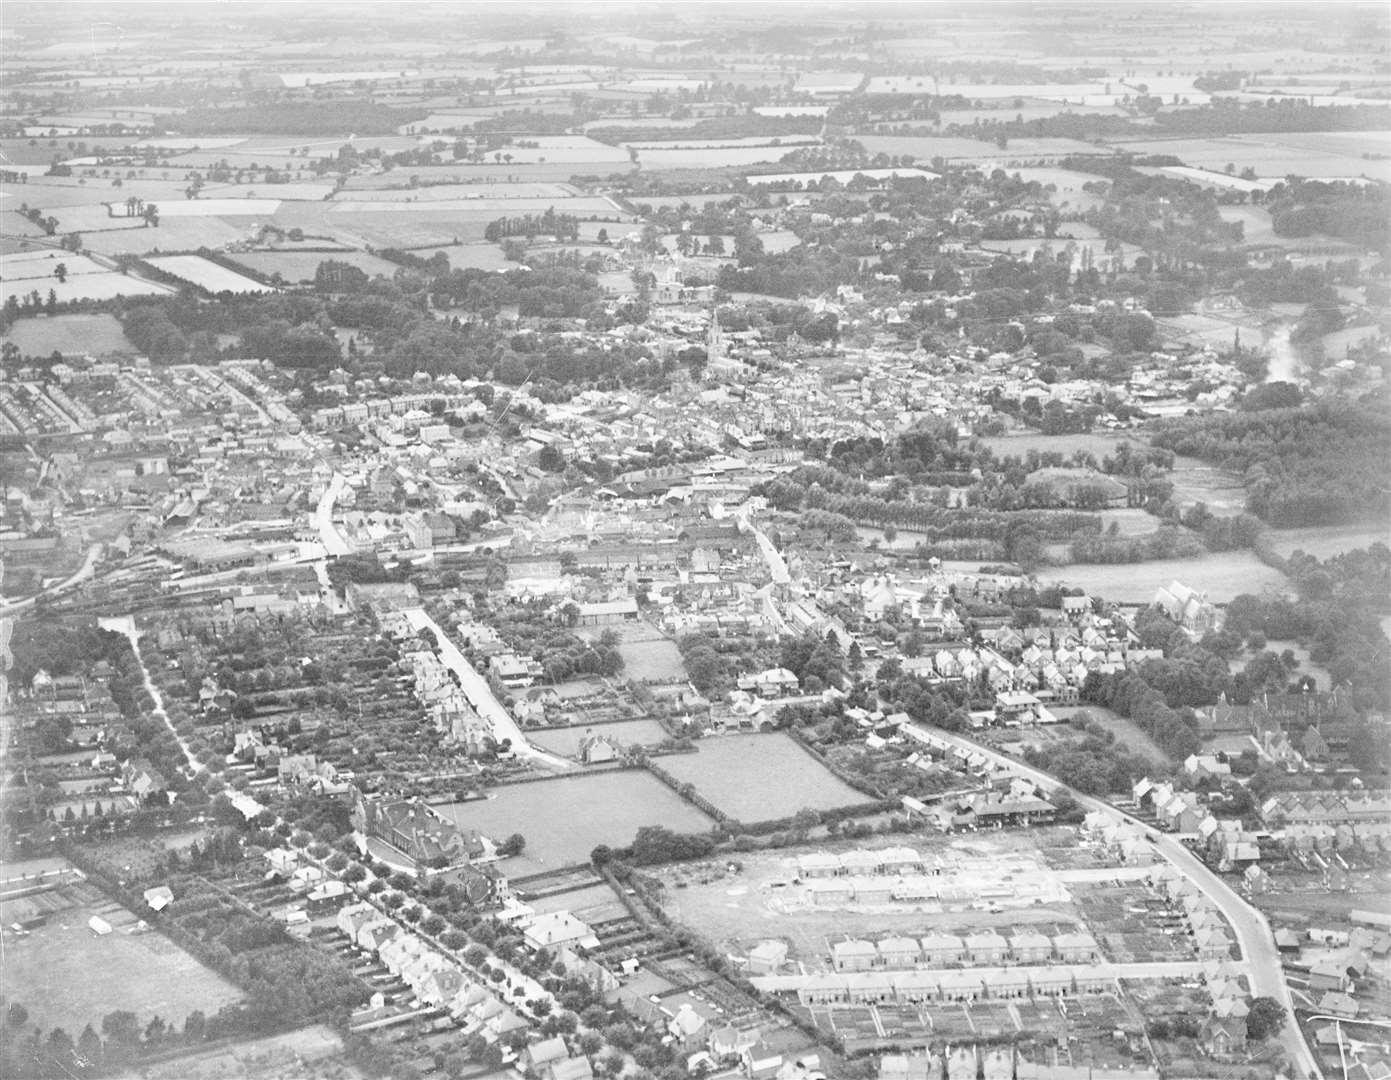 Bishop's Stortford in 1928 Credit: Historic England